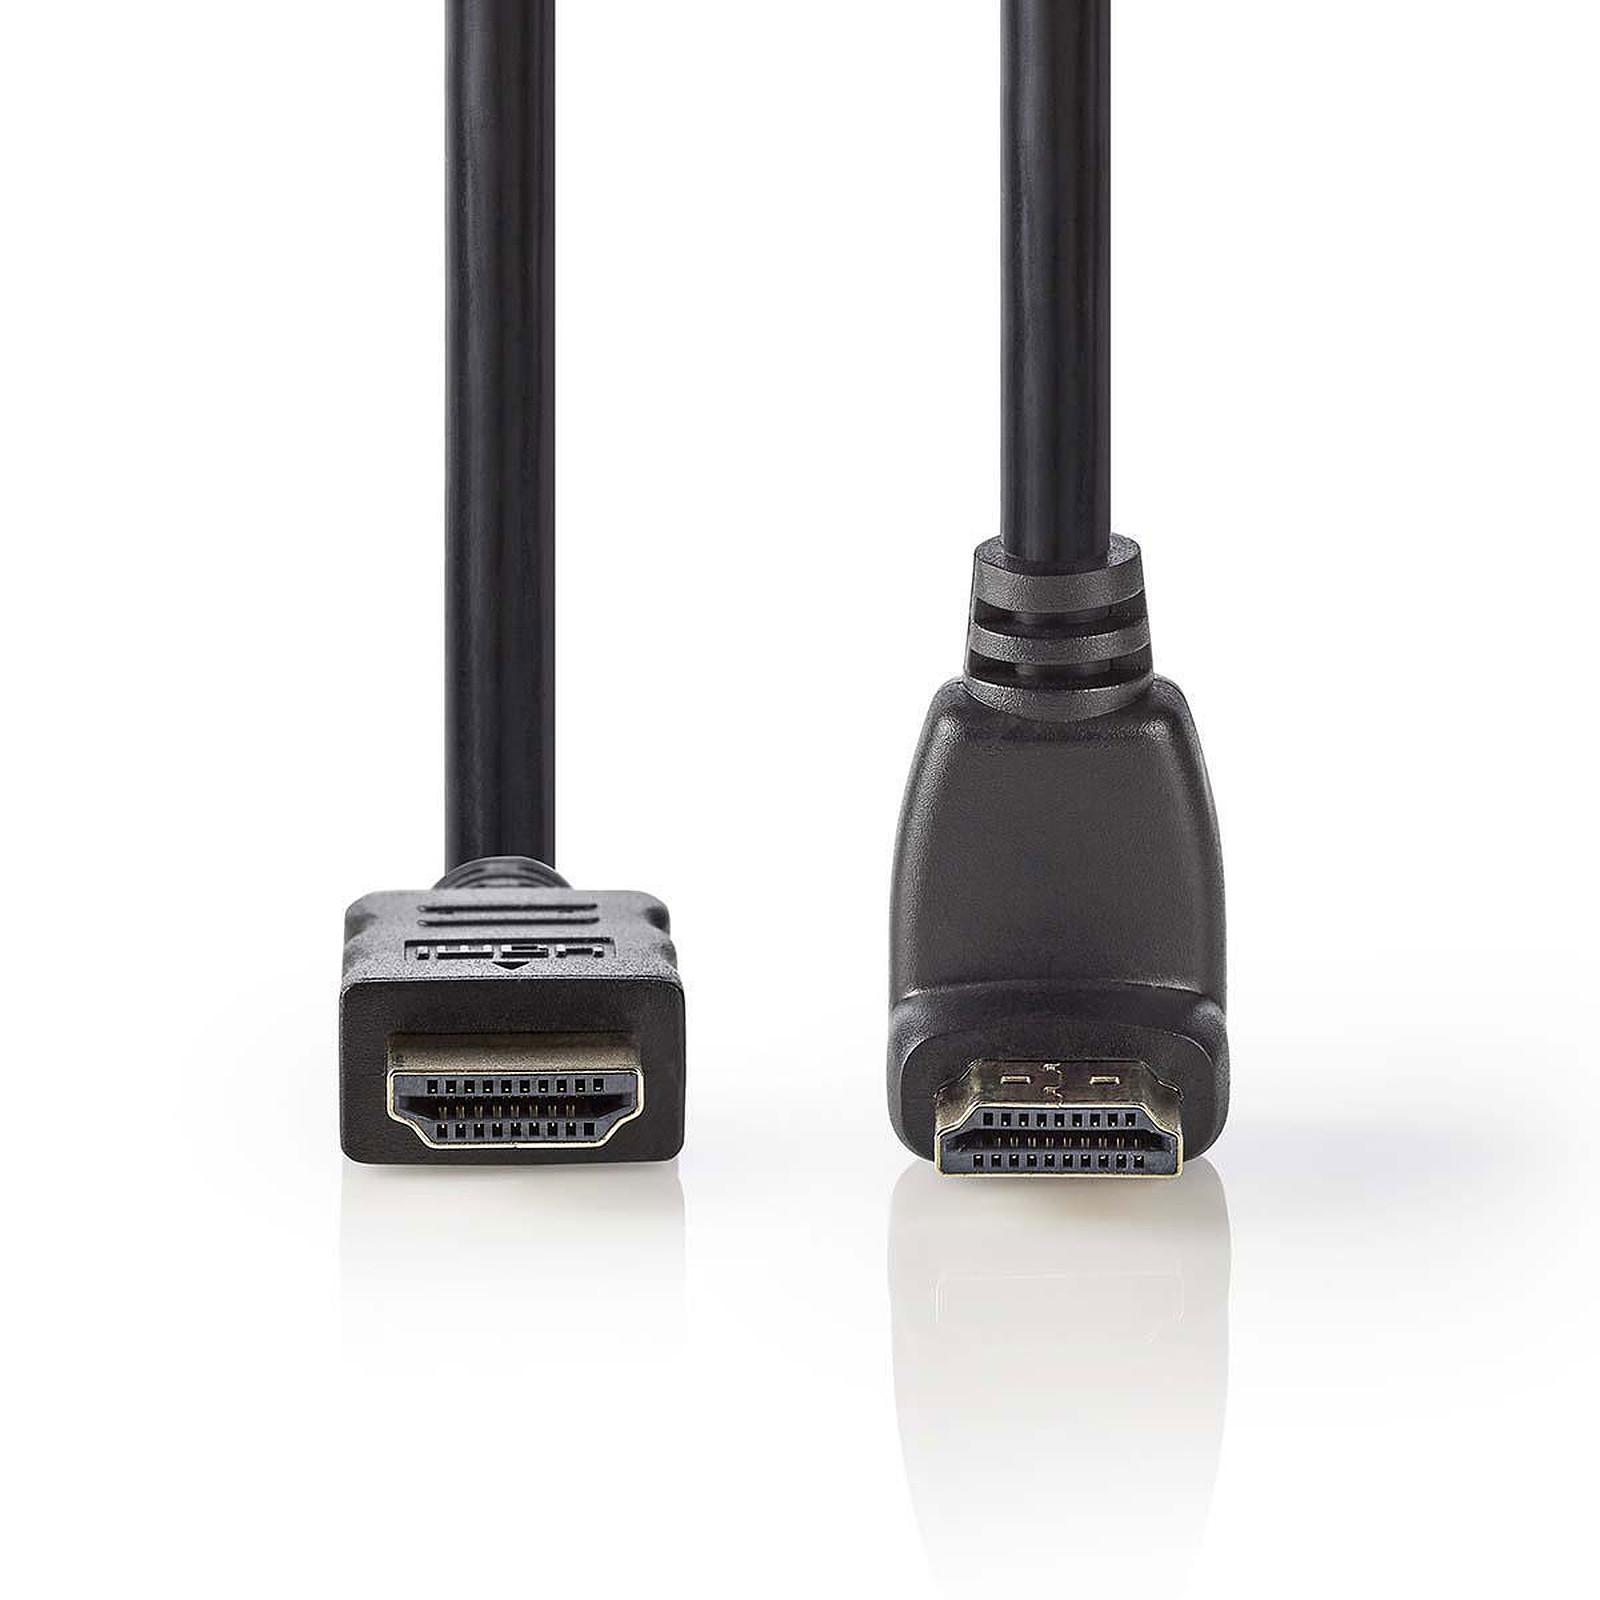 Nedis Câble HDMI coudé à 90° haute vitesse avec Ethernet Noir (1.5 mètre)